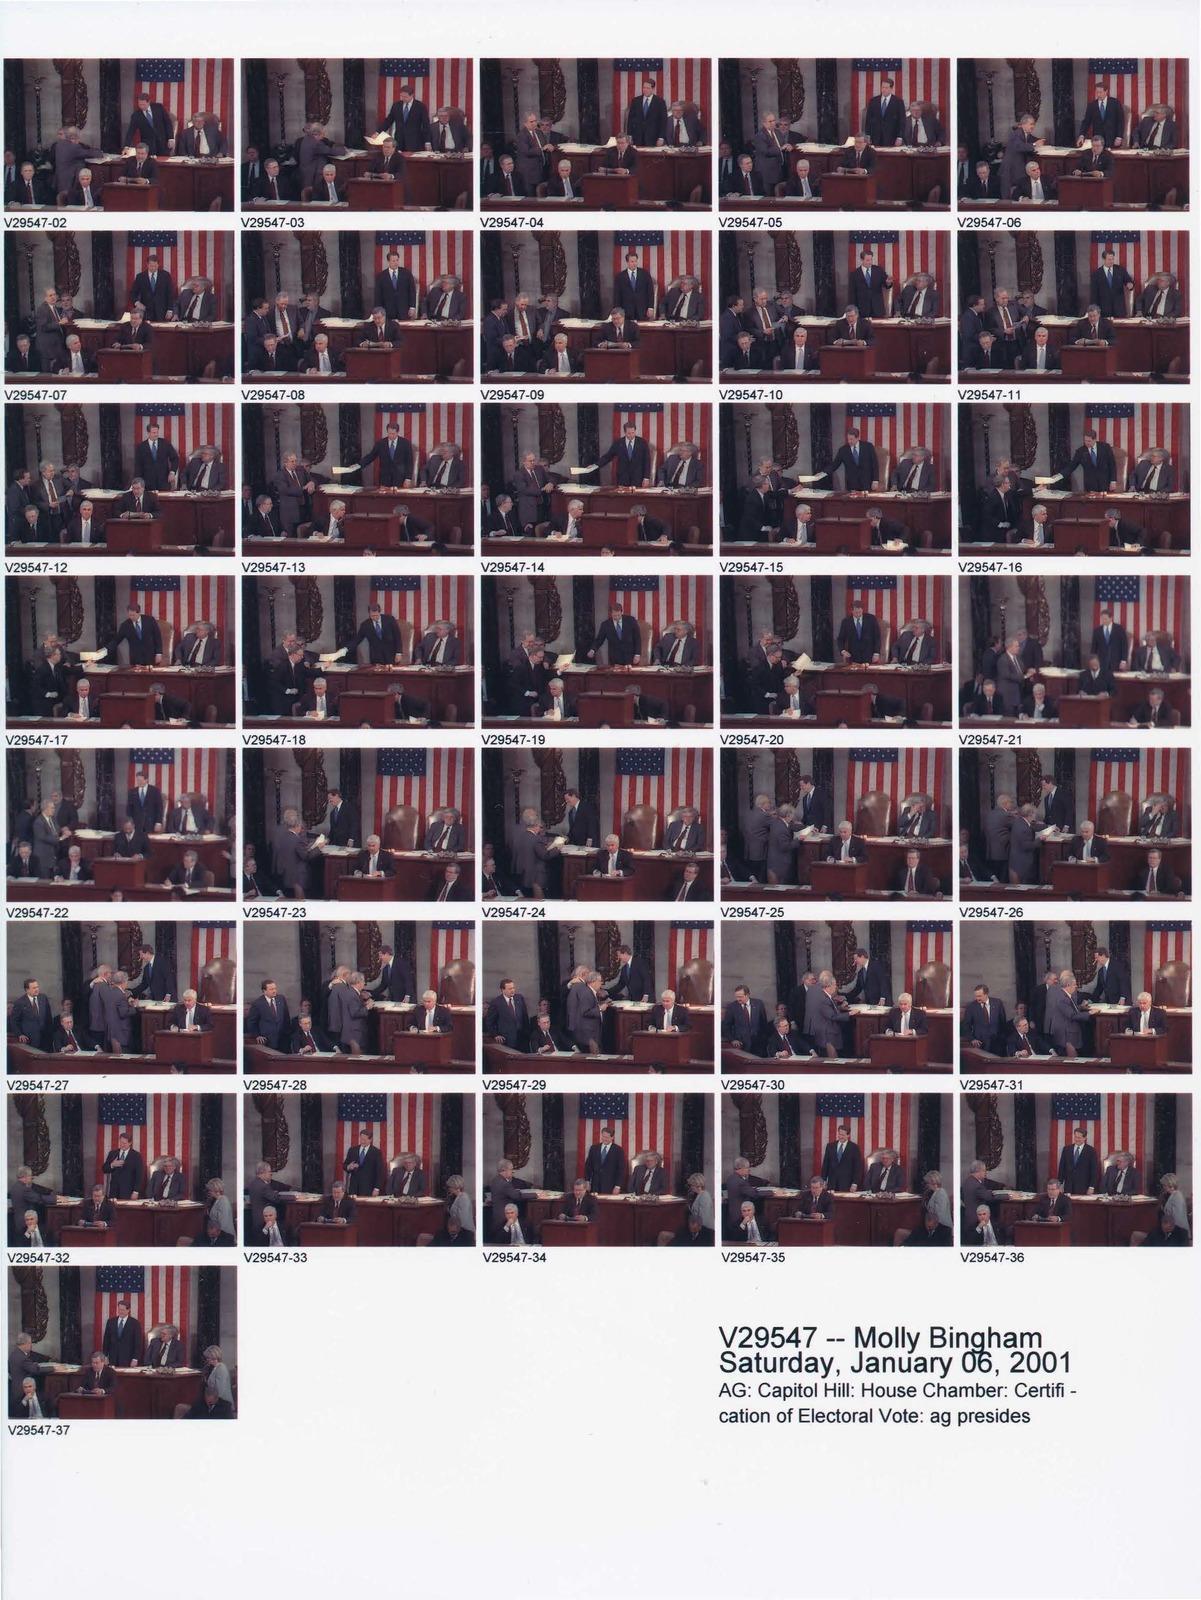 V29547, January 6, 2001